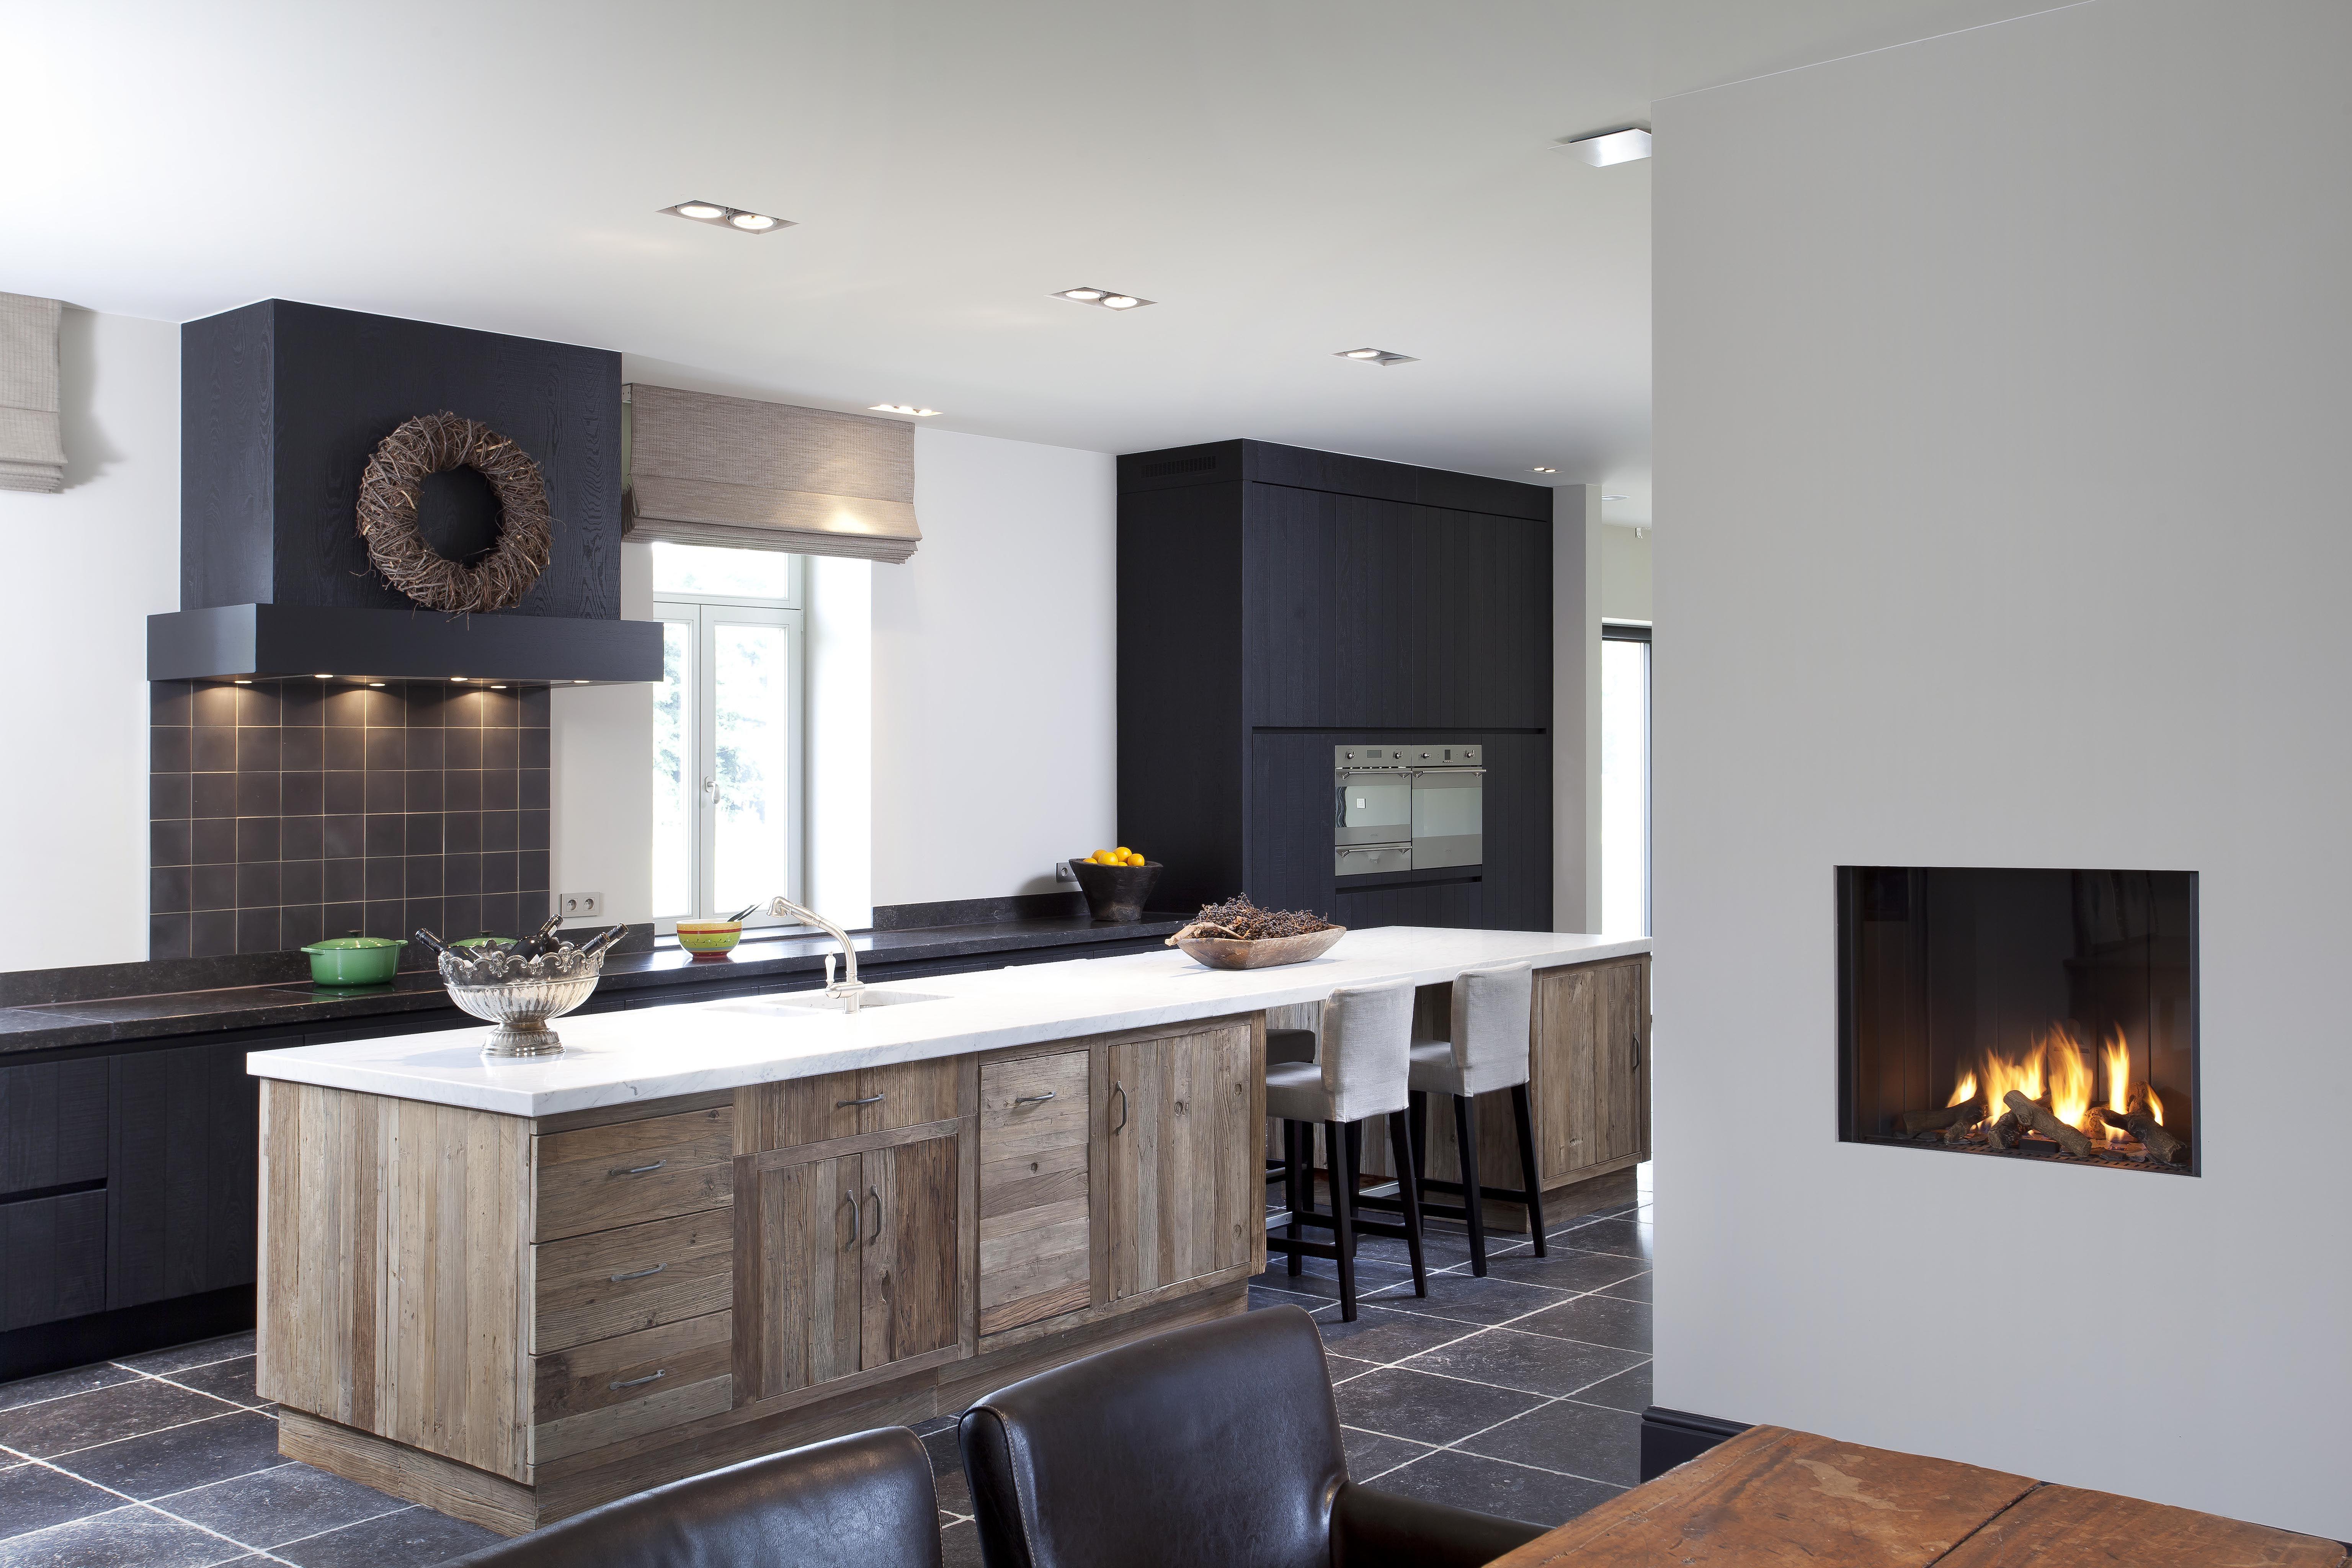 Franssen Keukens Design : Franssen keukens design luxe keuken design luxe